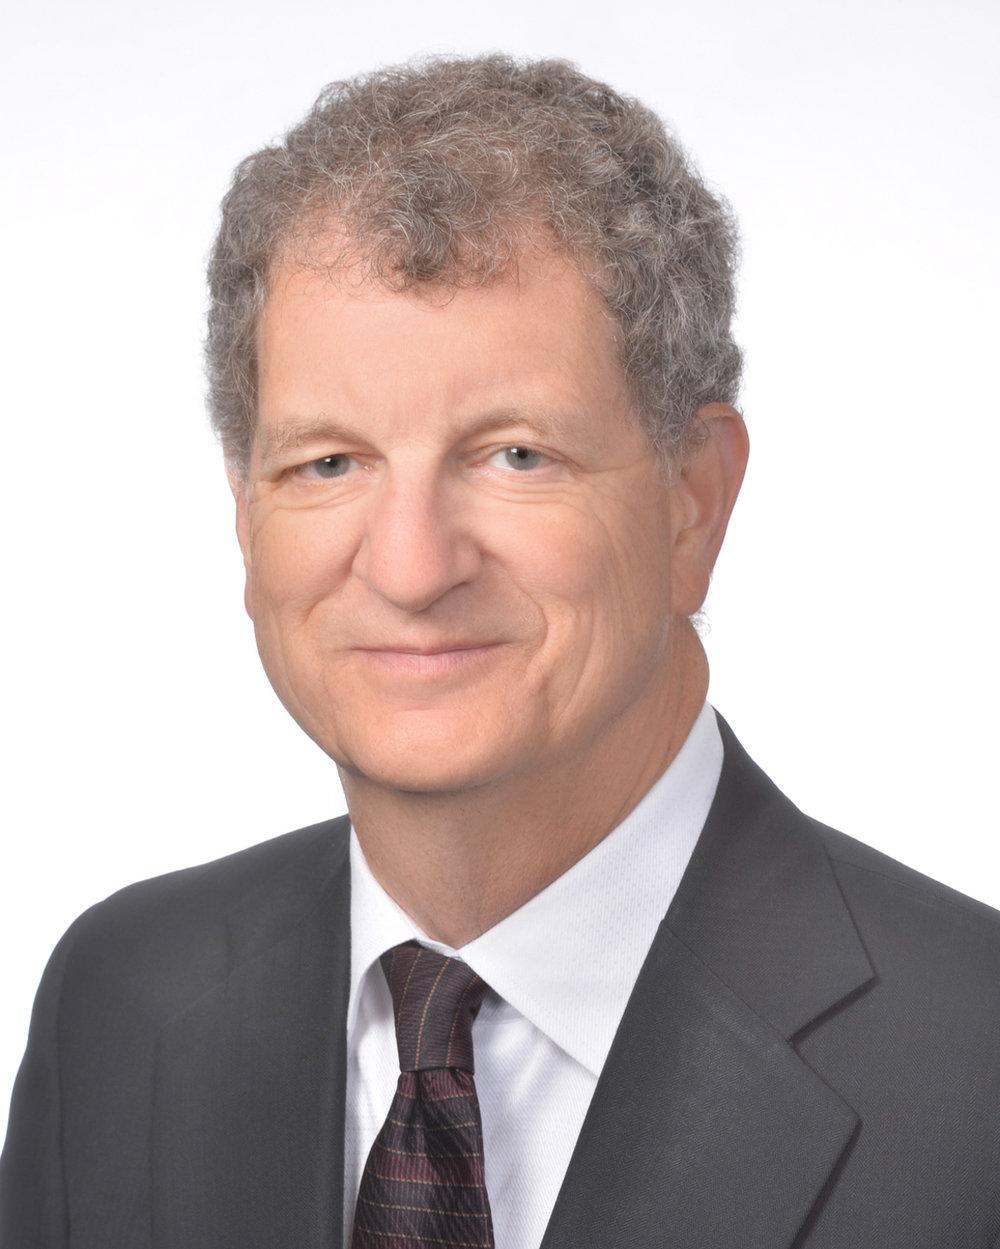 Richard S. VanRheenen - Director